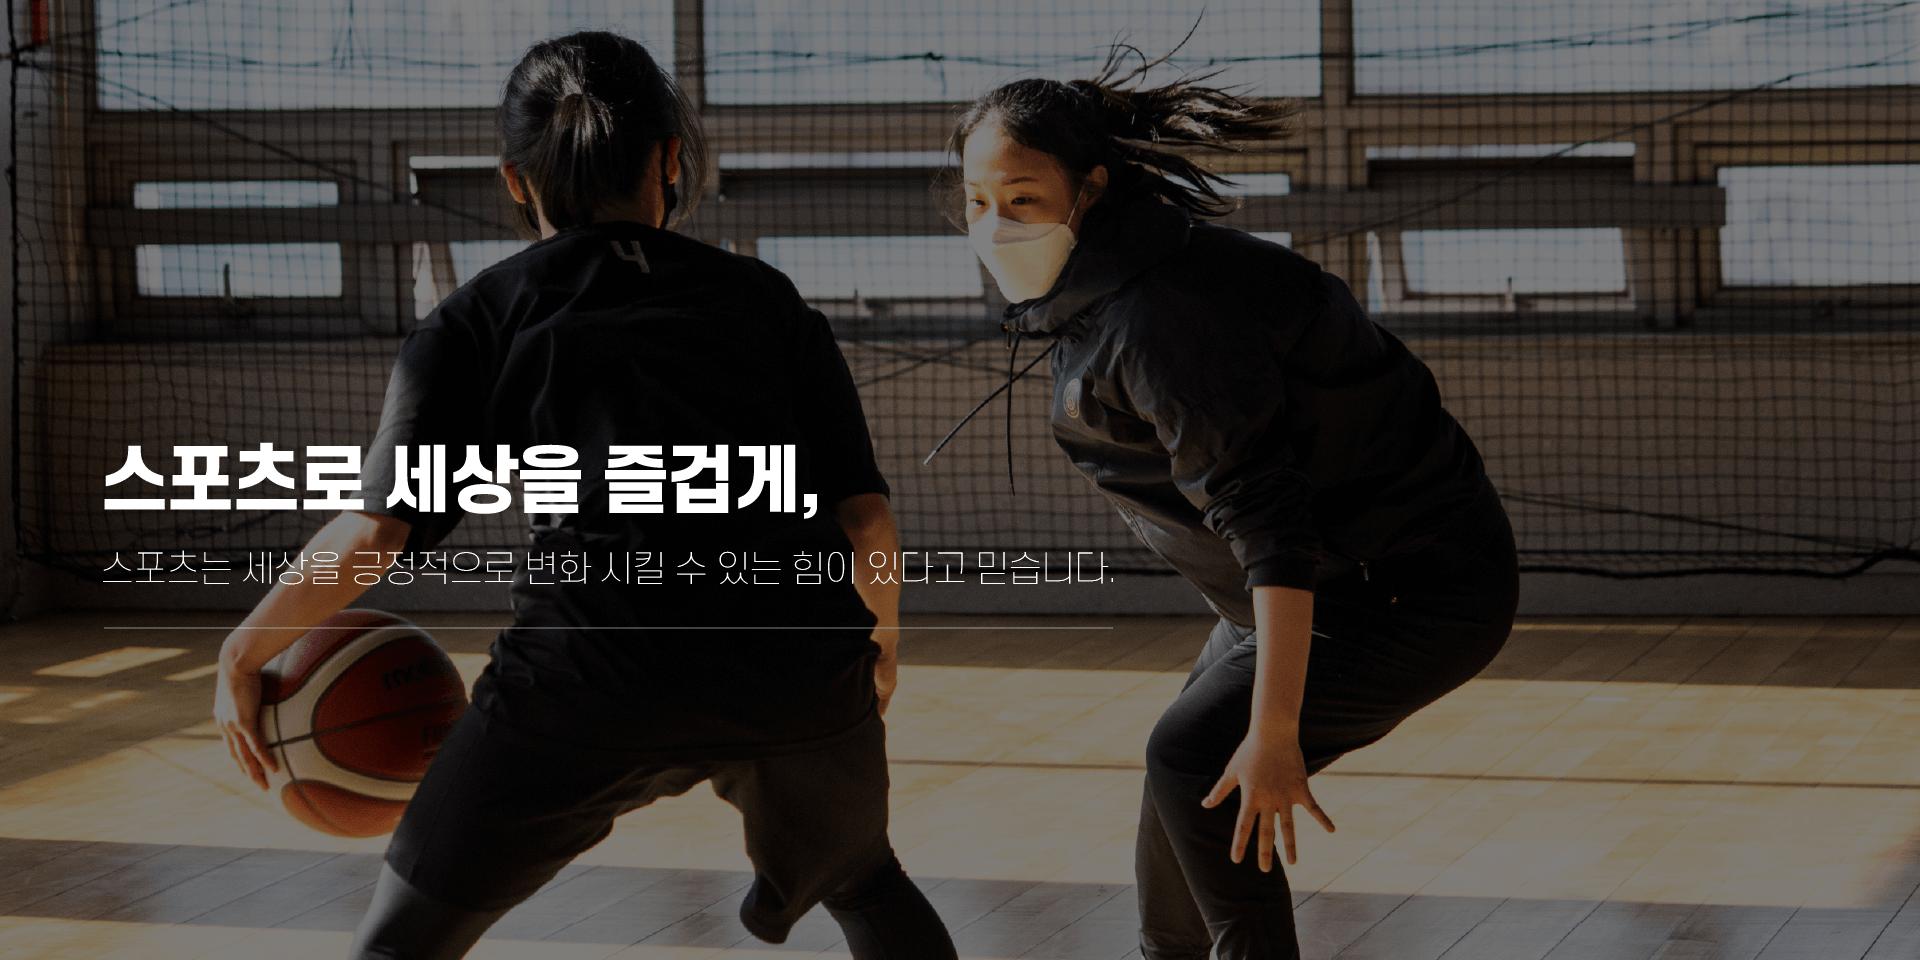 스포츠로 세상을 즐겁게, 스포츠는 세상을 긍정적으로 변화 시킬 수 있는 힘이 있다고 믿습니다.